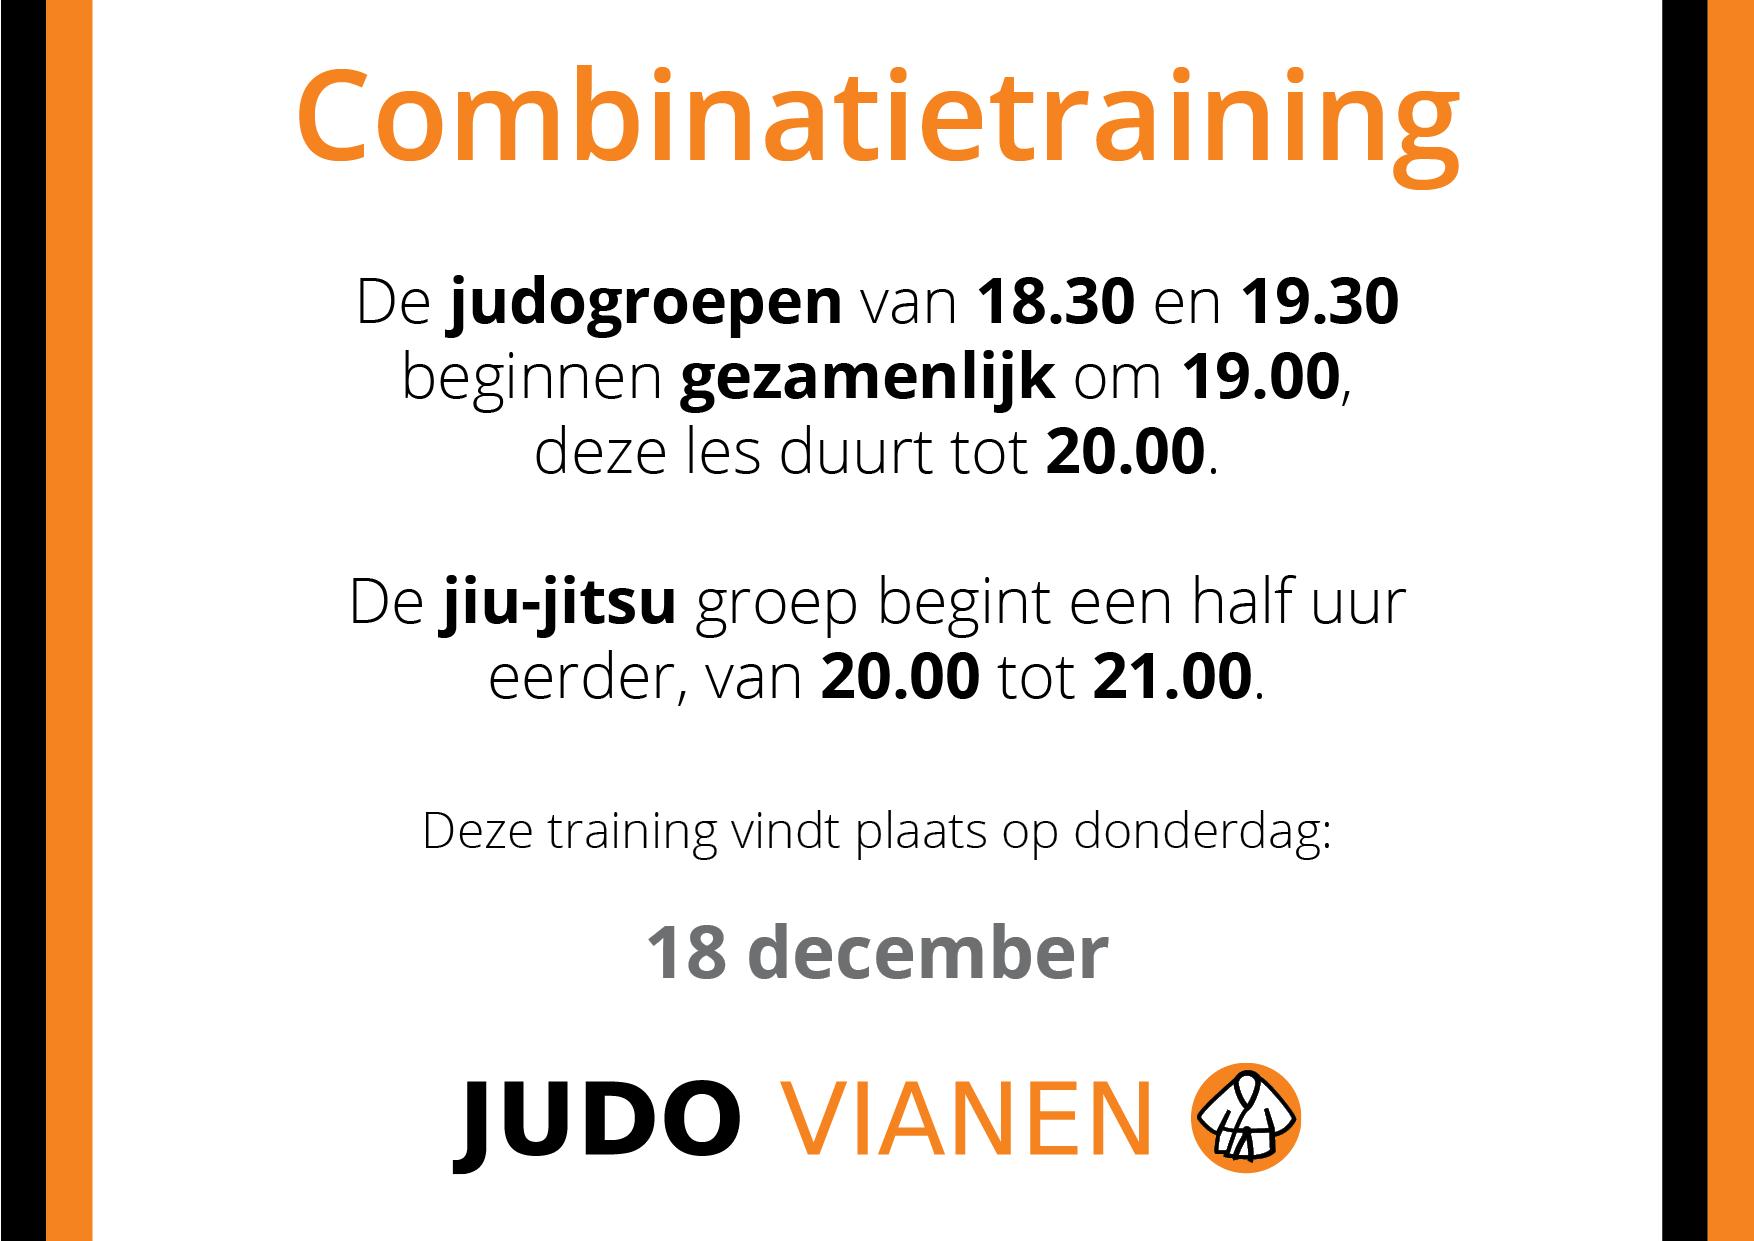 Combinatietraining 18 december: andere uren!